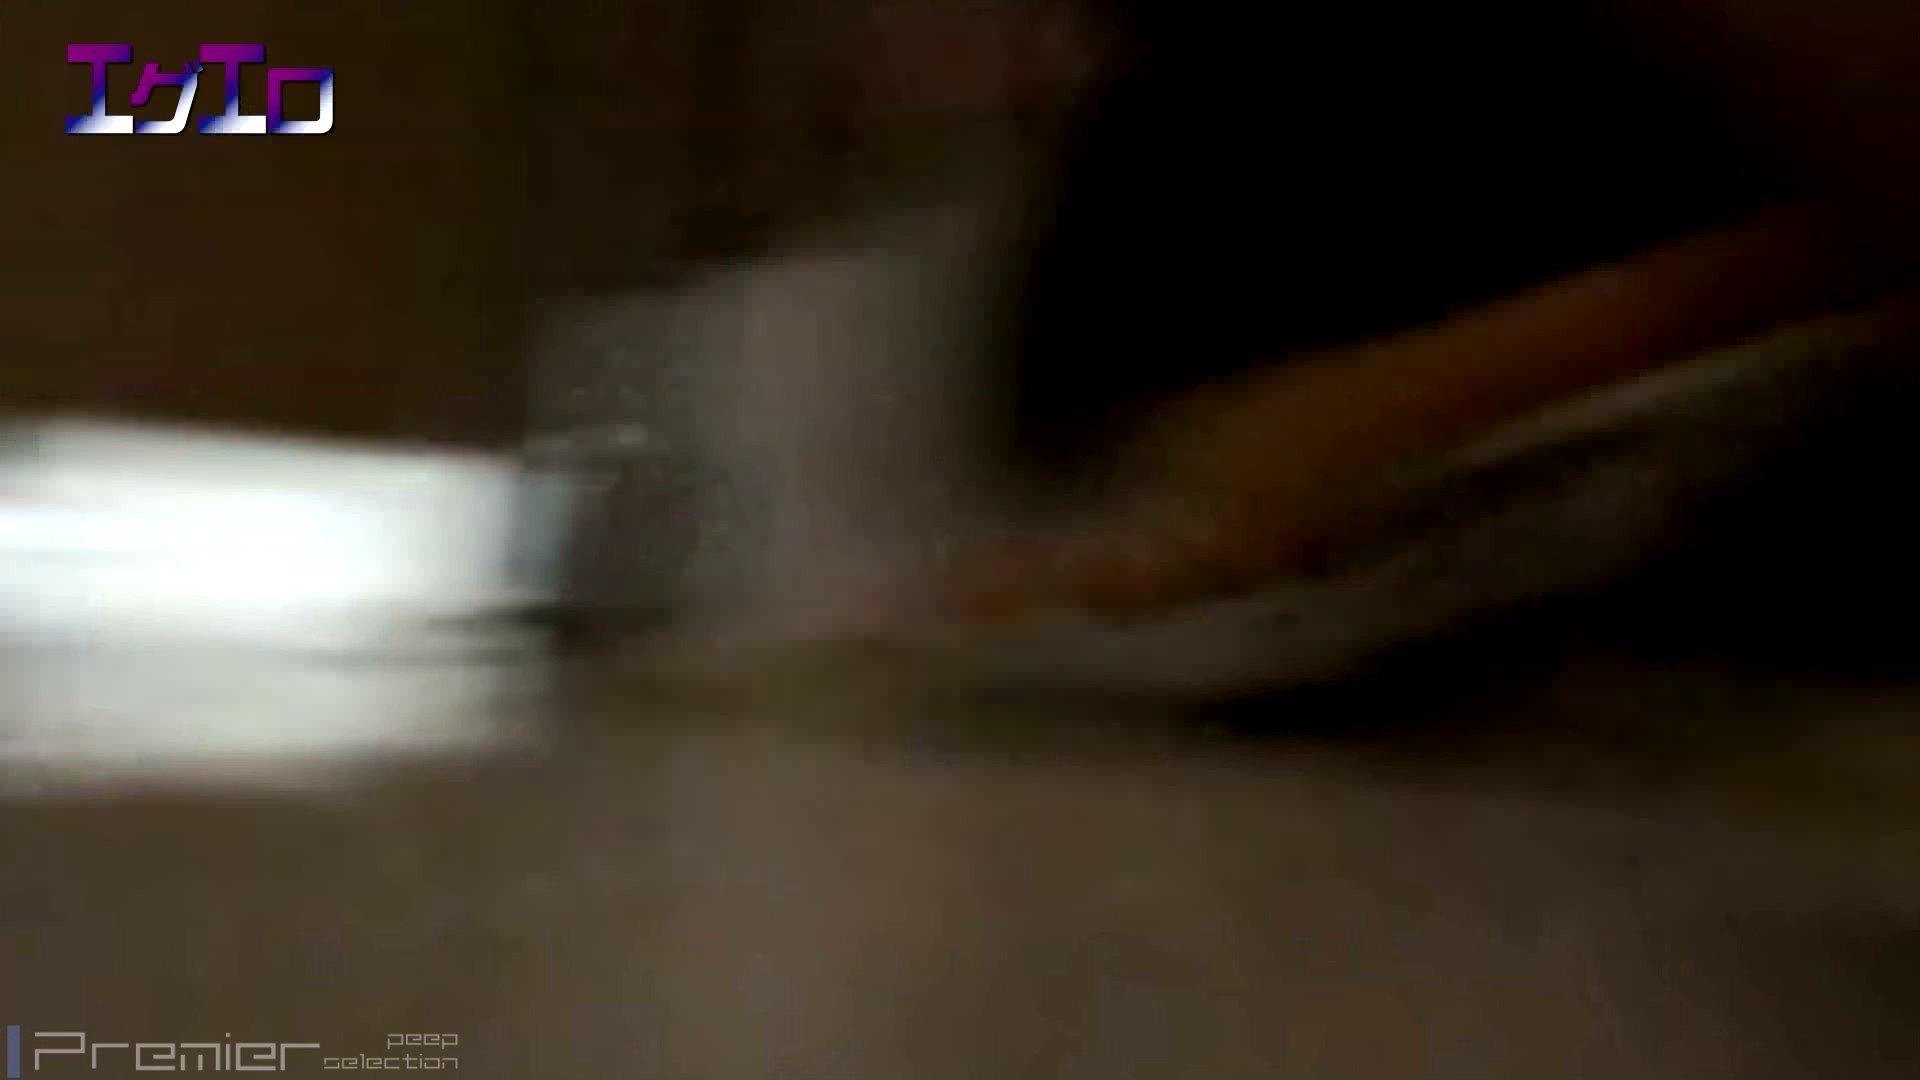 至近距離洗面所 Vol.08 洗面所 | OL女体  40連発 21